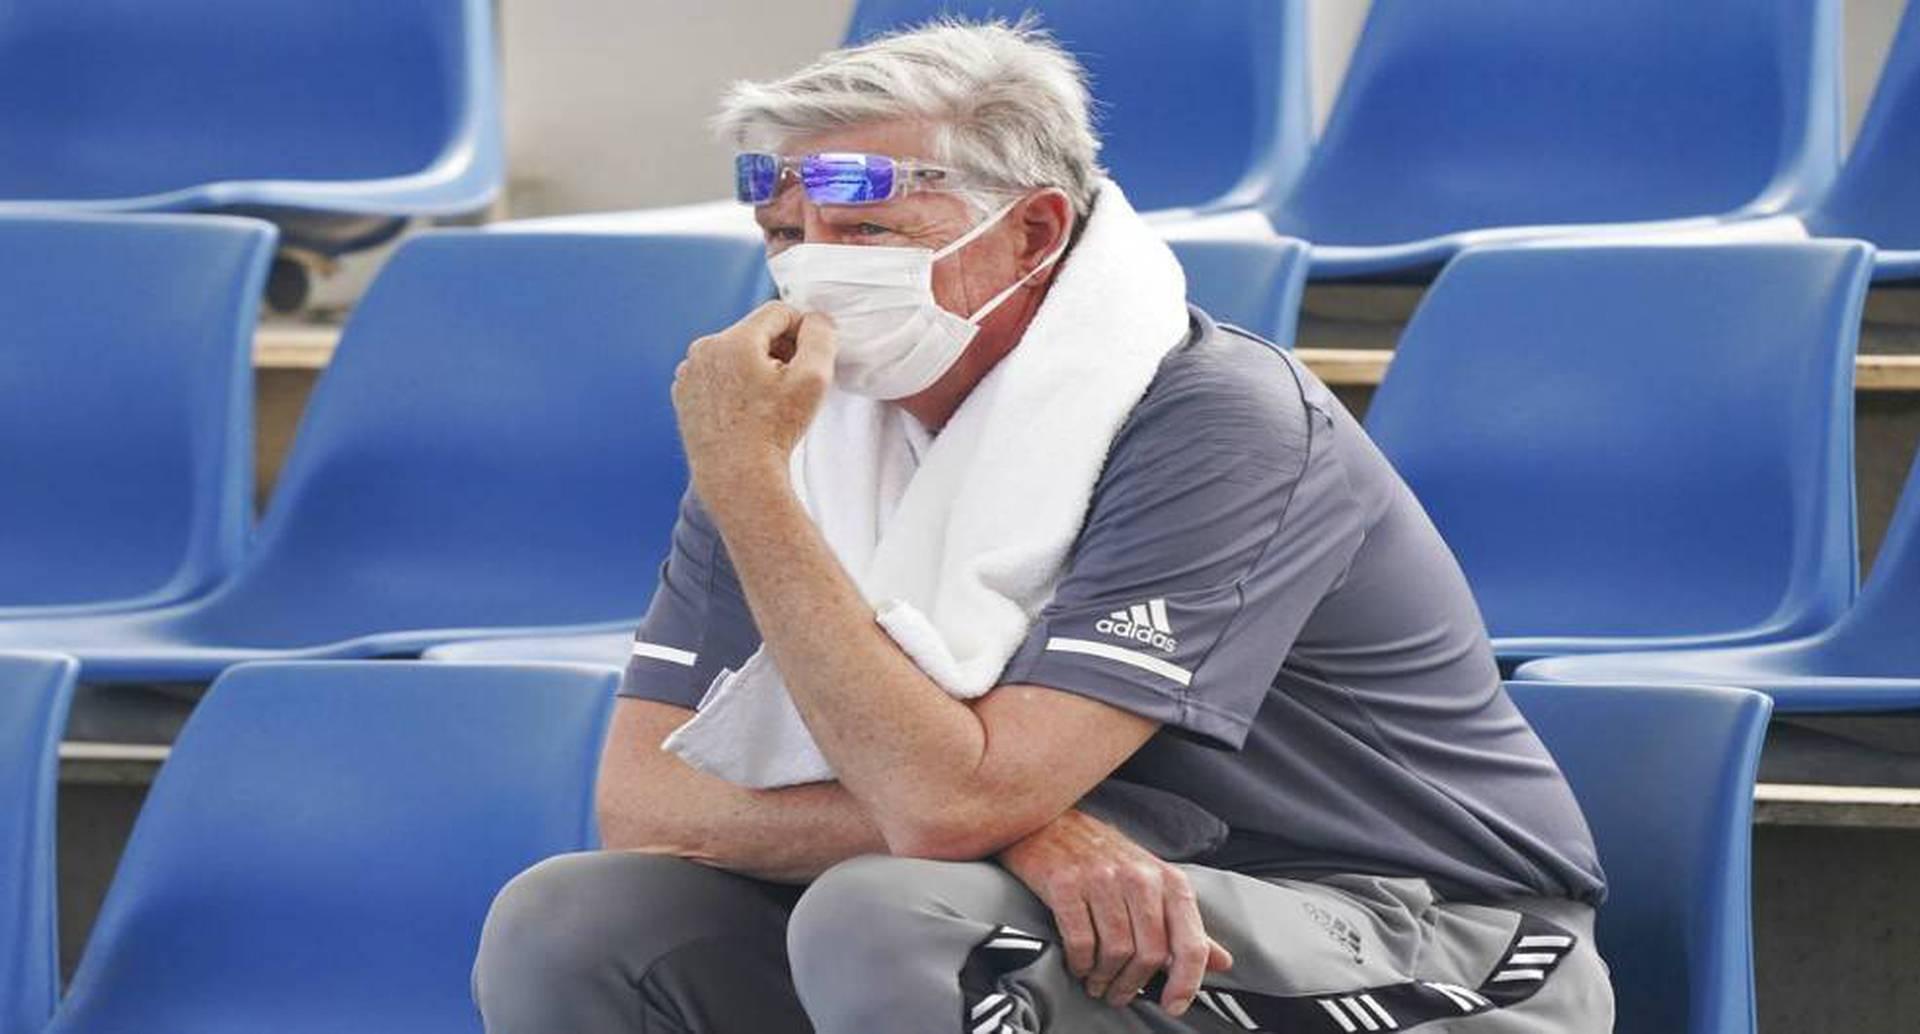 Un espectador usa una máscara mientras el humo envuelve Melbourne durante una sesión de práctica del Abierto de Australia, el martes 14 de enero de 2020. Foto: Michael Dodge/AAP vía AP.